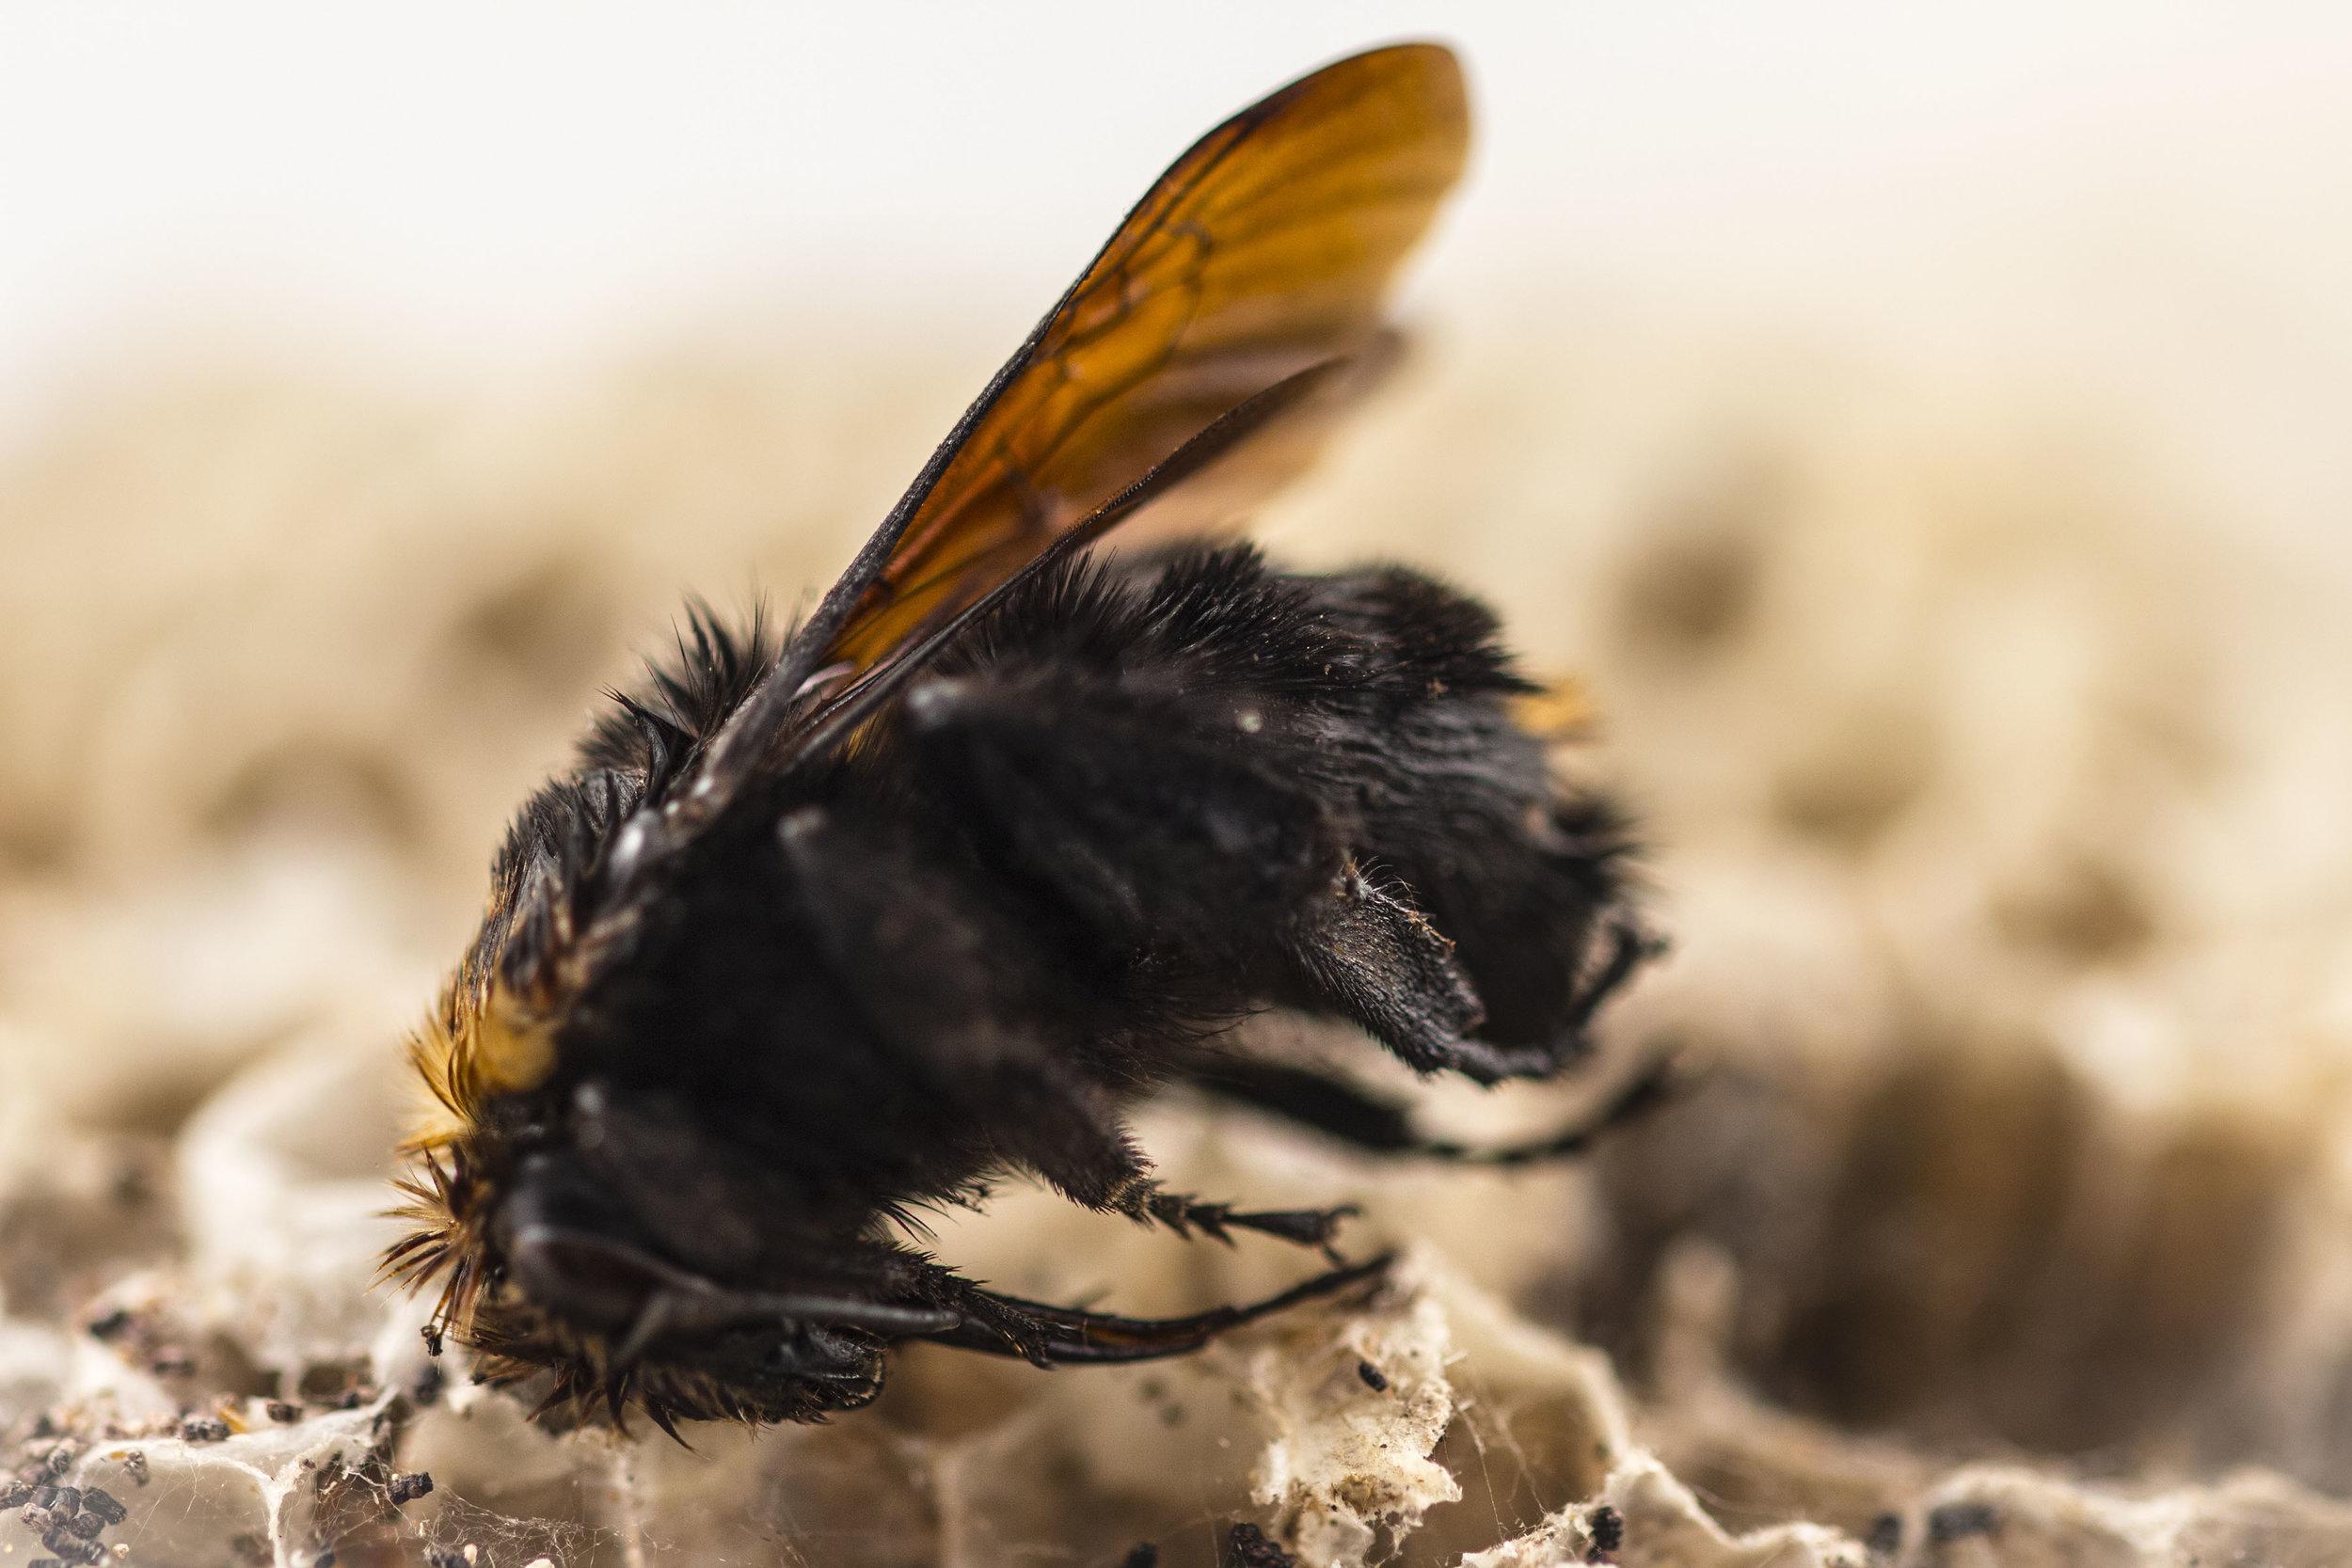 Bee exoskeleton and expired honeycomb